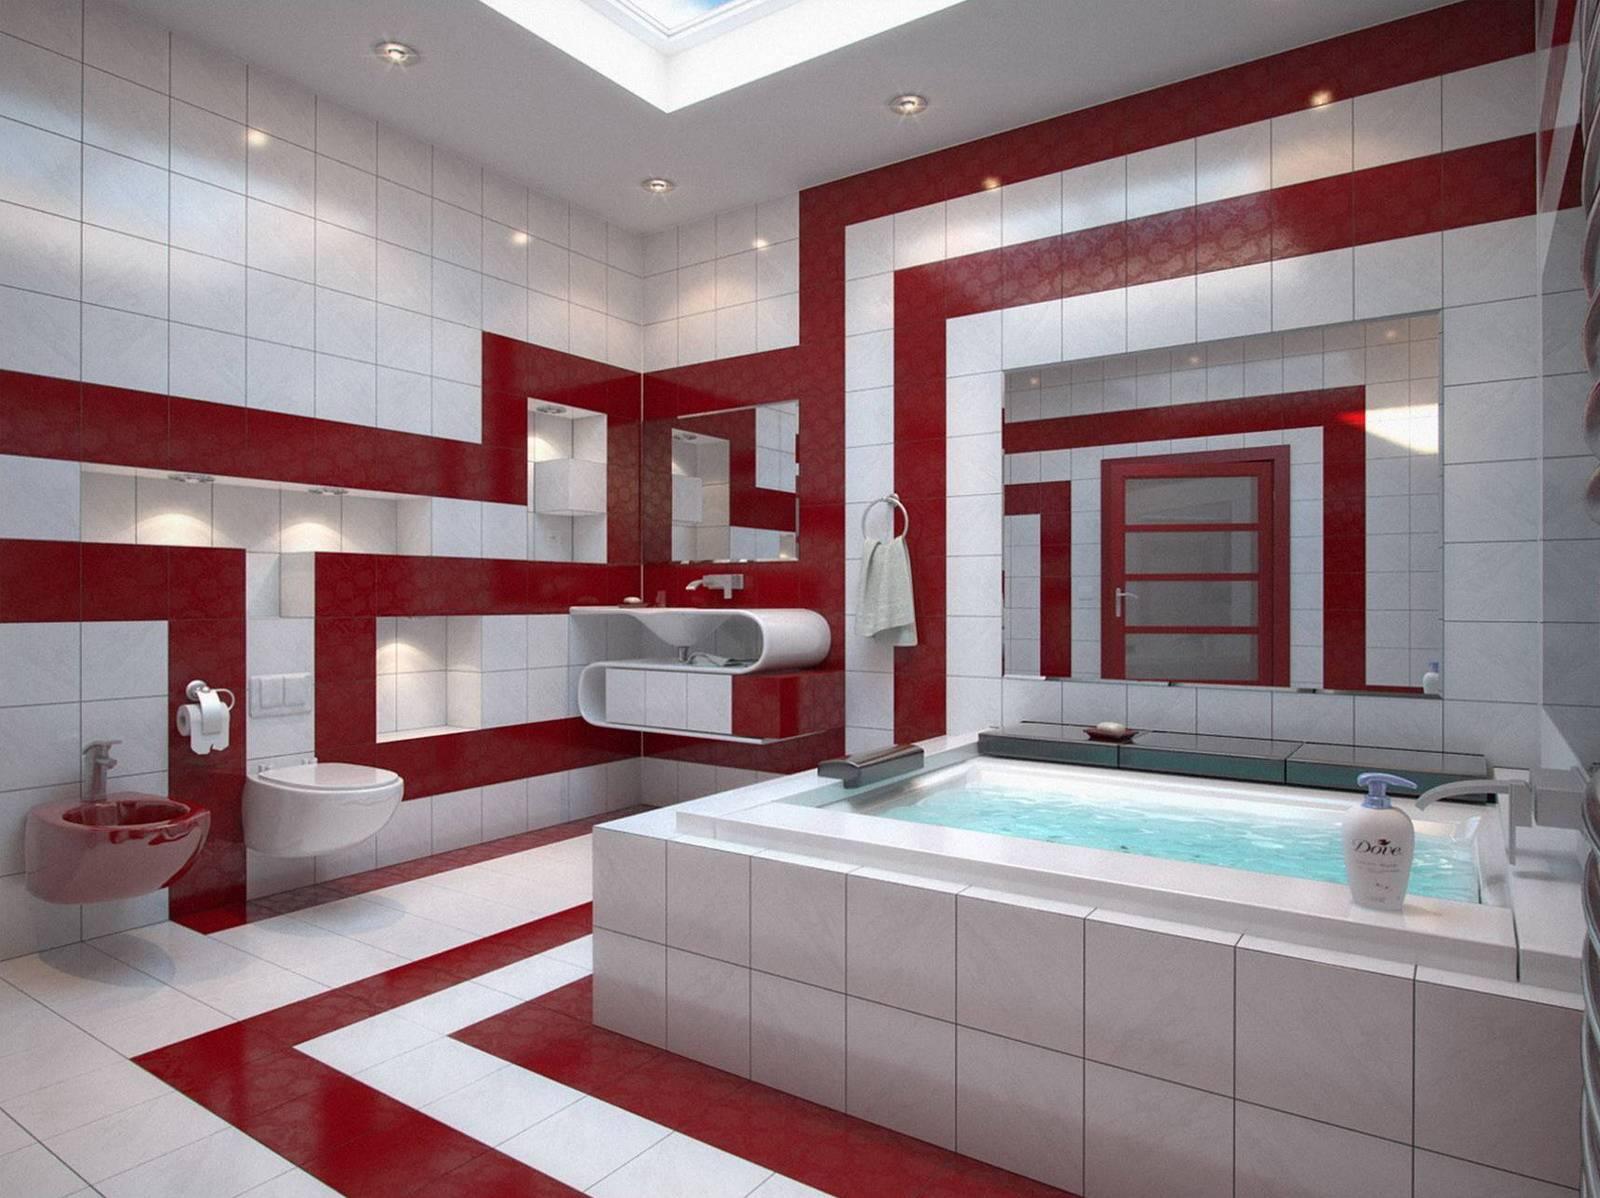 Тумба для ванной с мойкой и зеркалом: стильный дизайн и элегантность комплекта